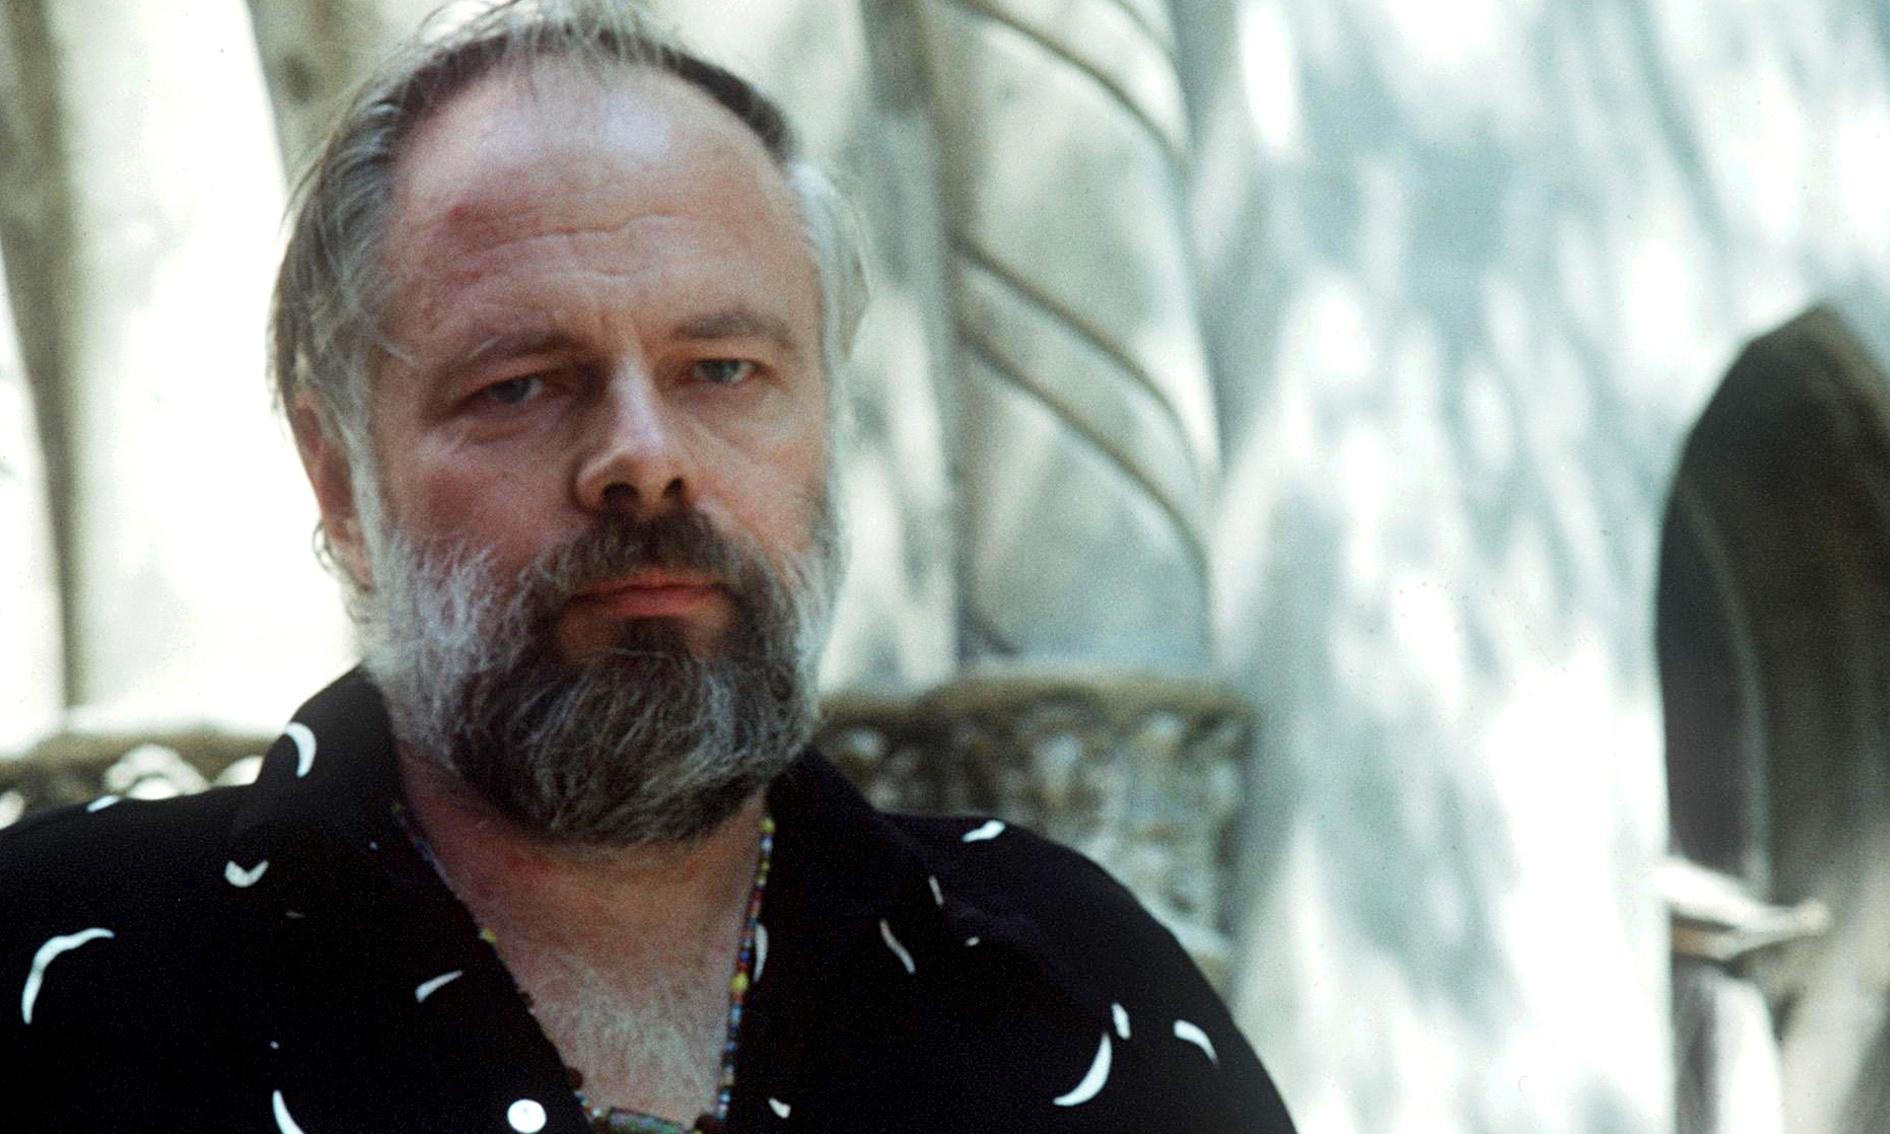 Author Philip K Dick in 1982